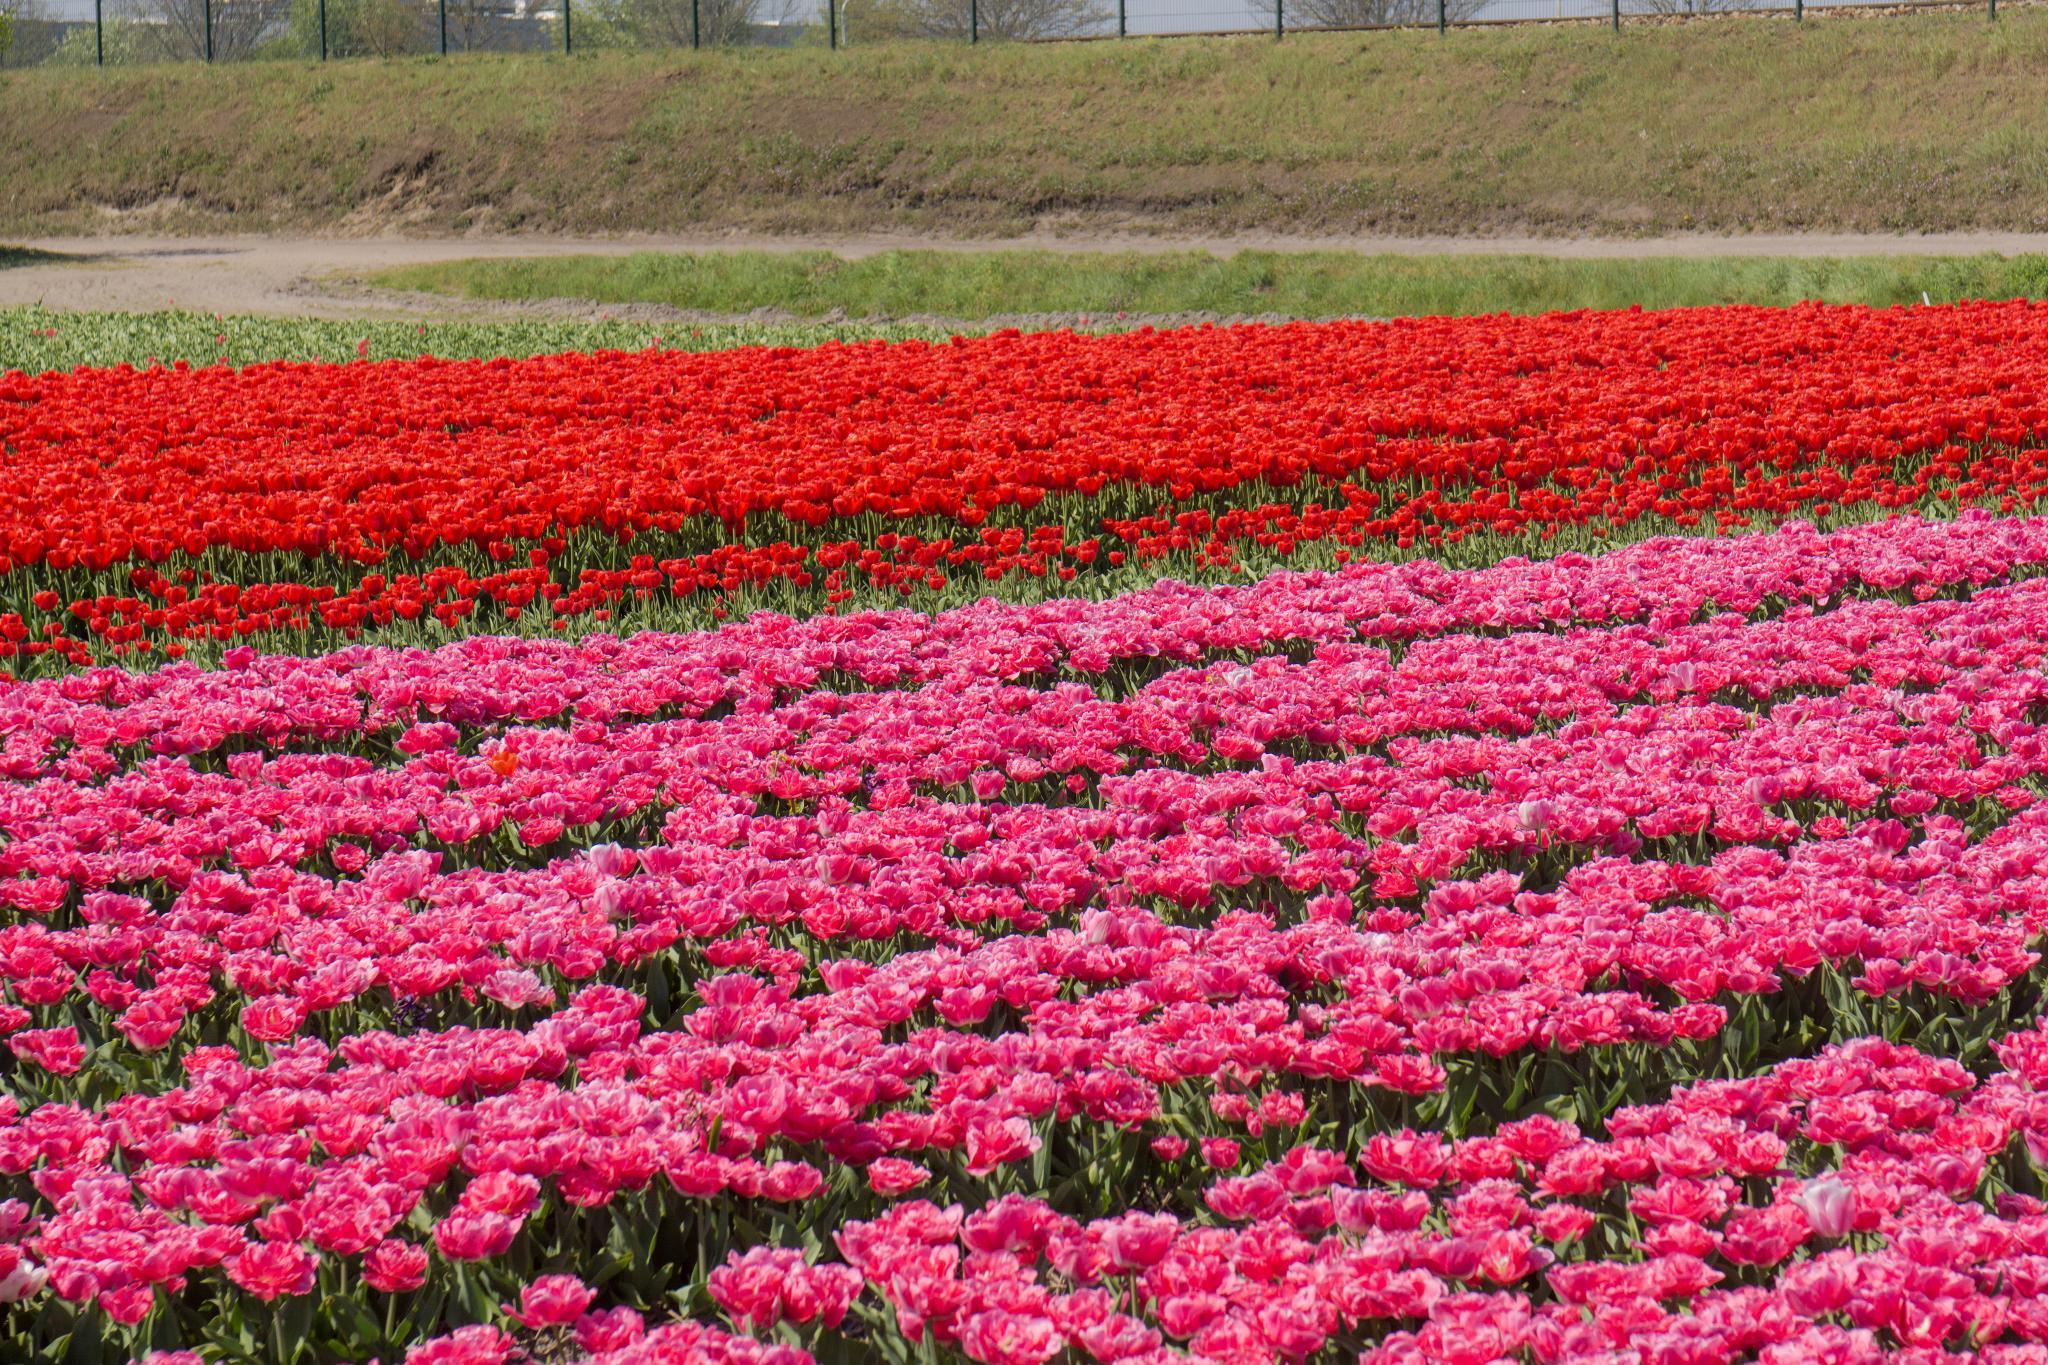 【荷蘭印象】花田嬉事:荷蘭單車花之路 8